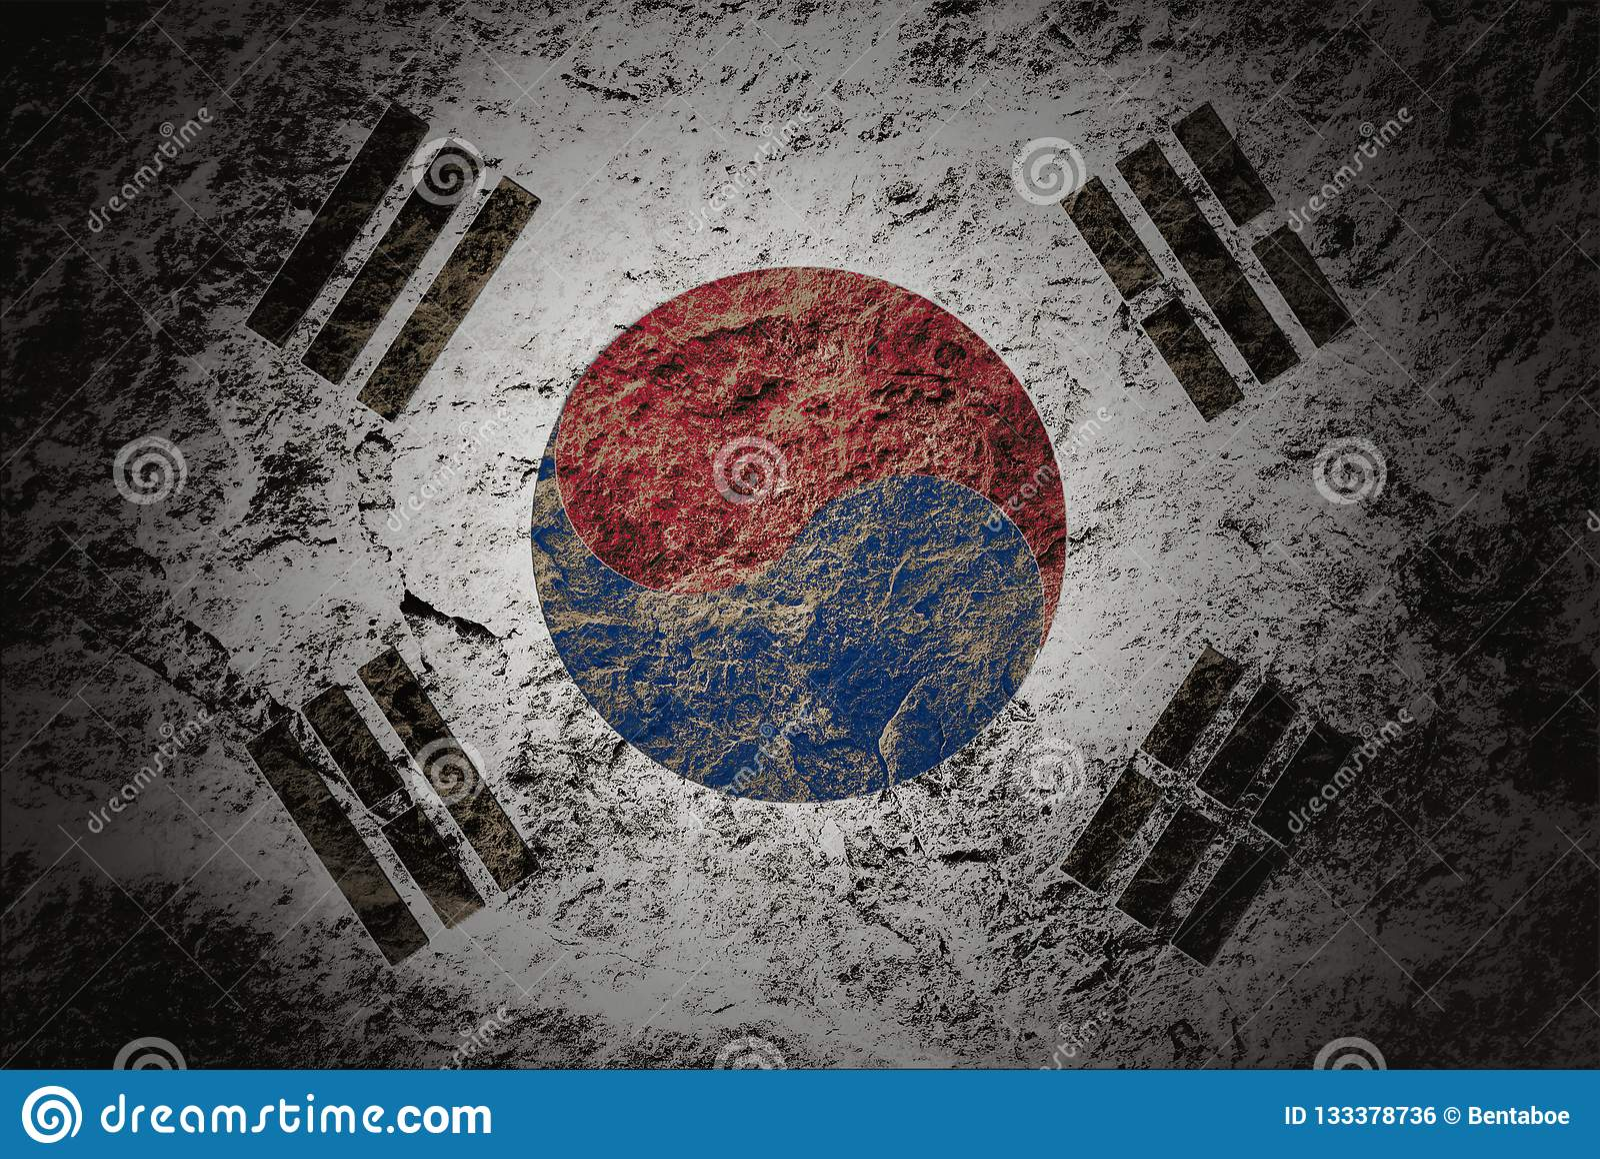 Grunge South Korea flag on stone background